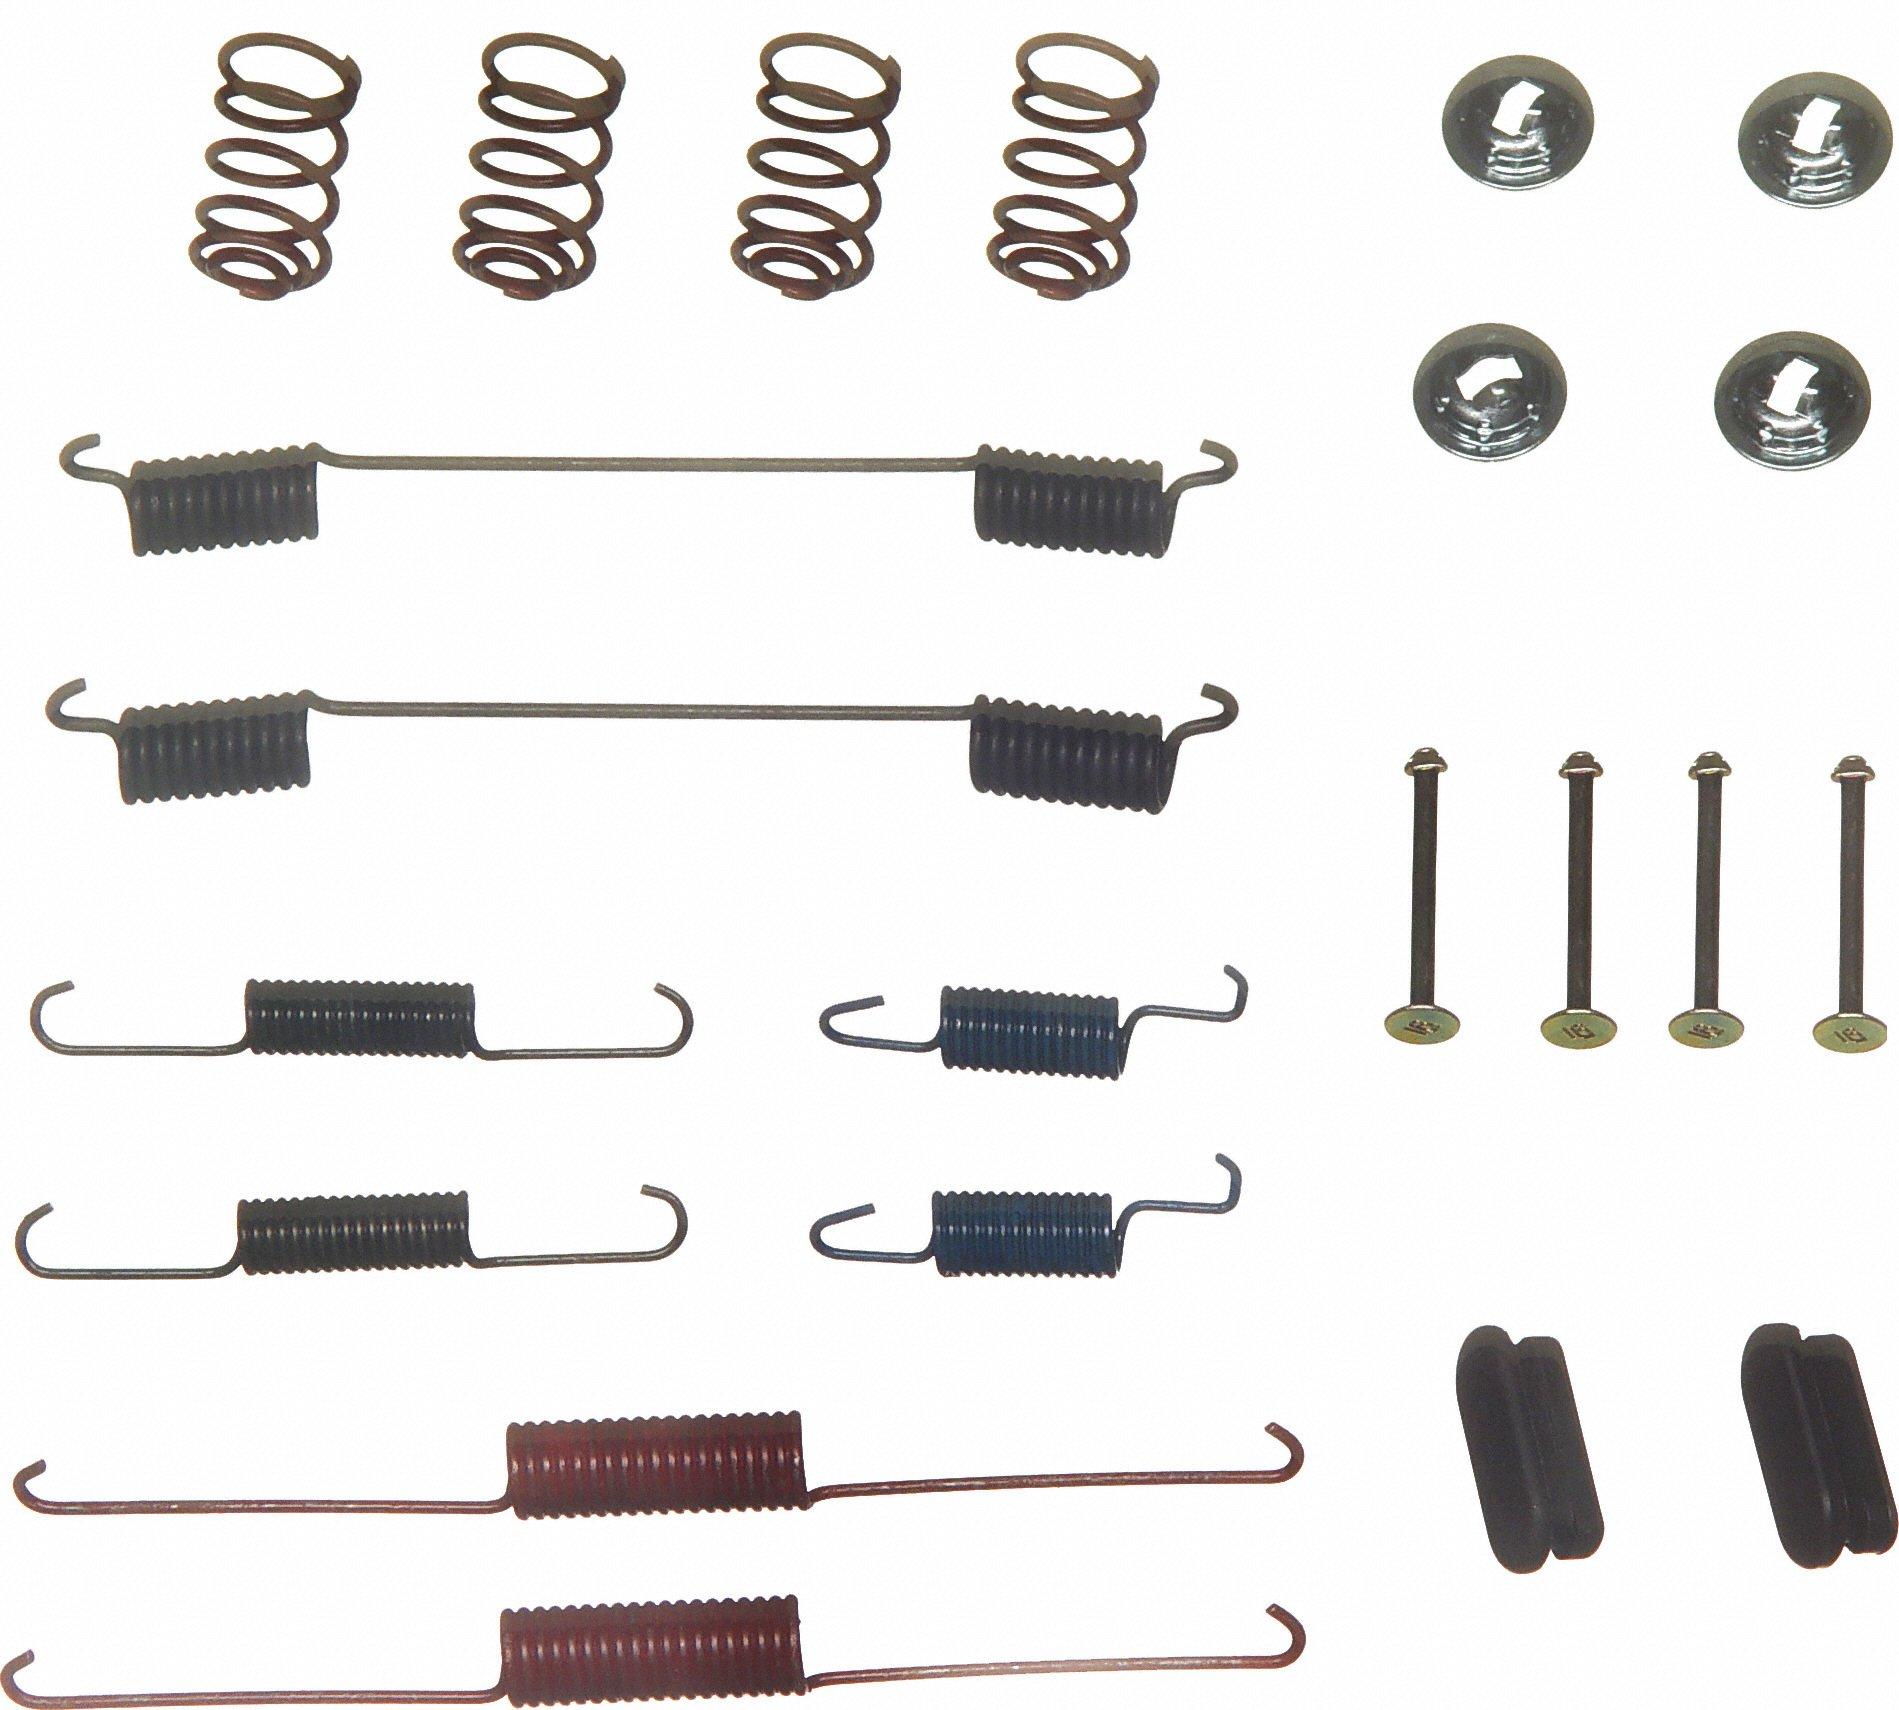 Wagner H7216 Drum Brake Hardware Kit, Rear